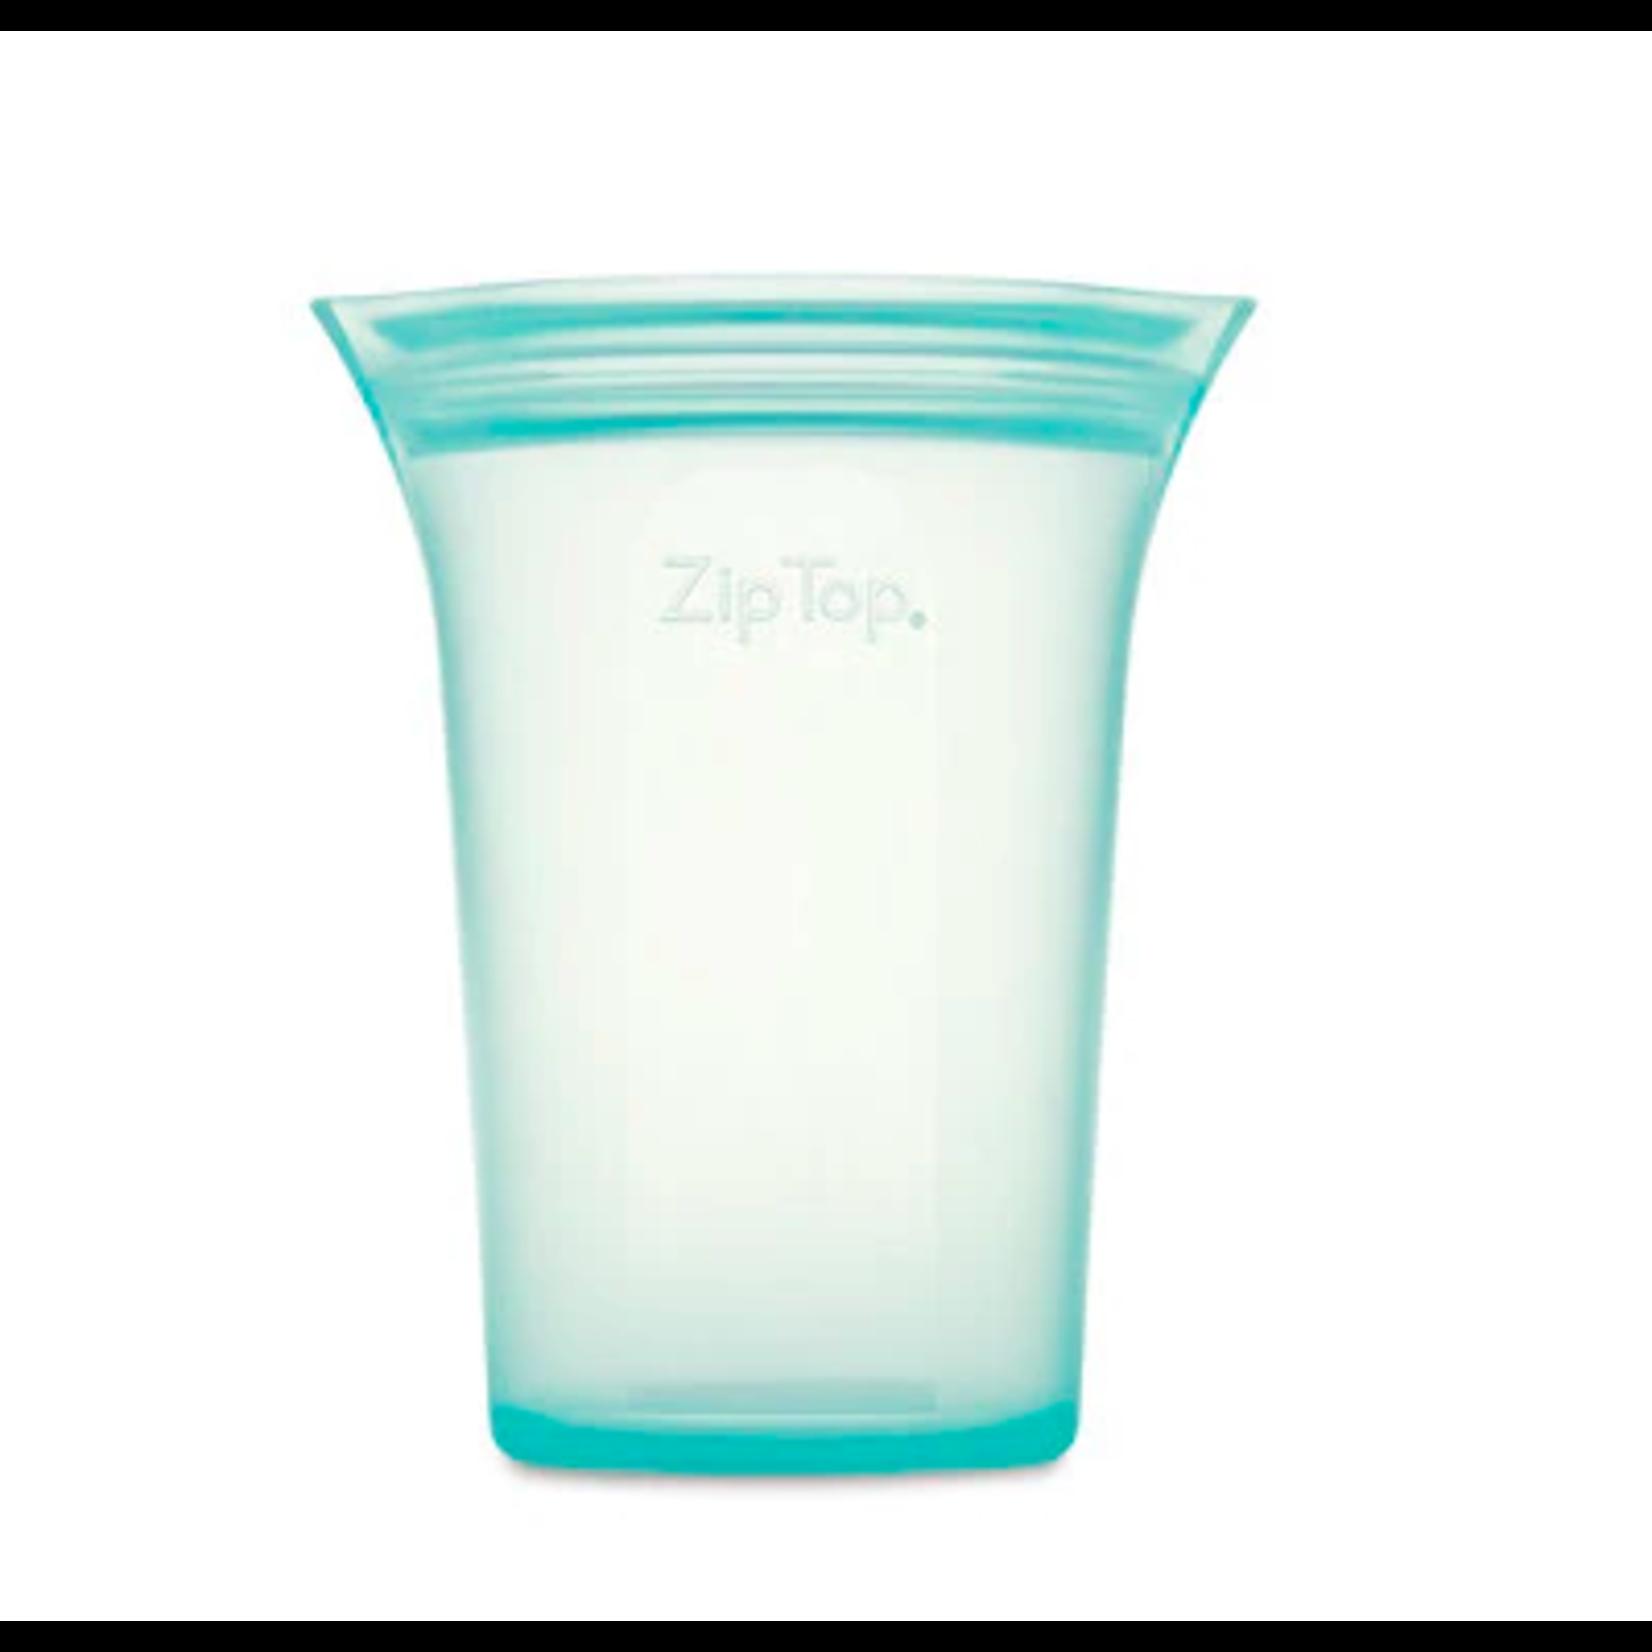 Zip Top Zip Top Medium Cup